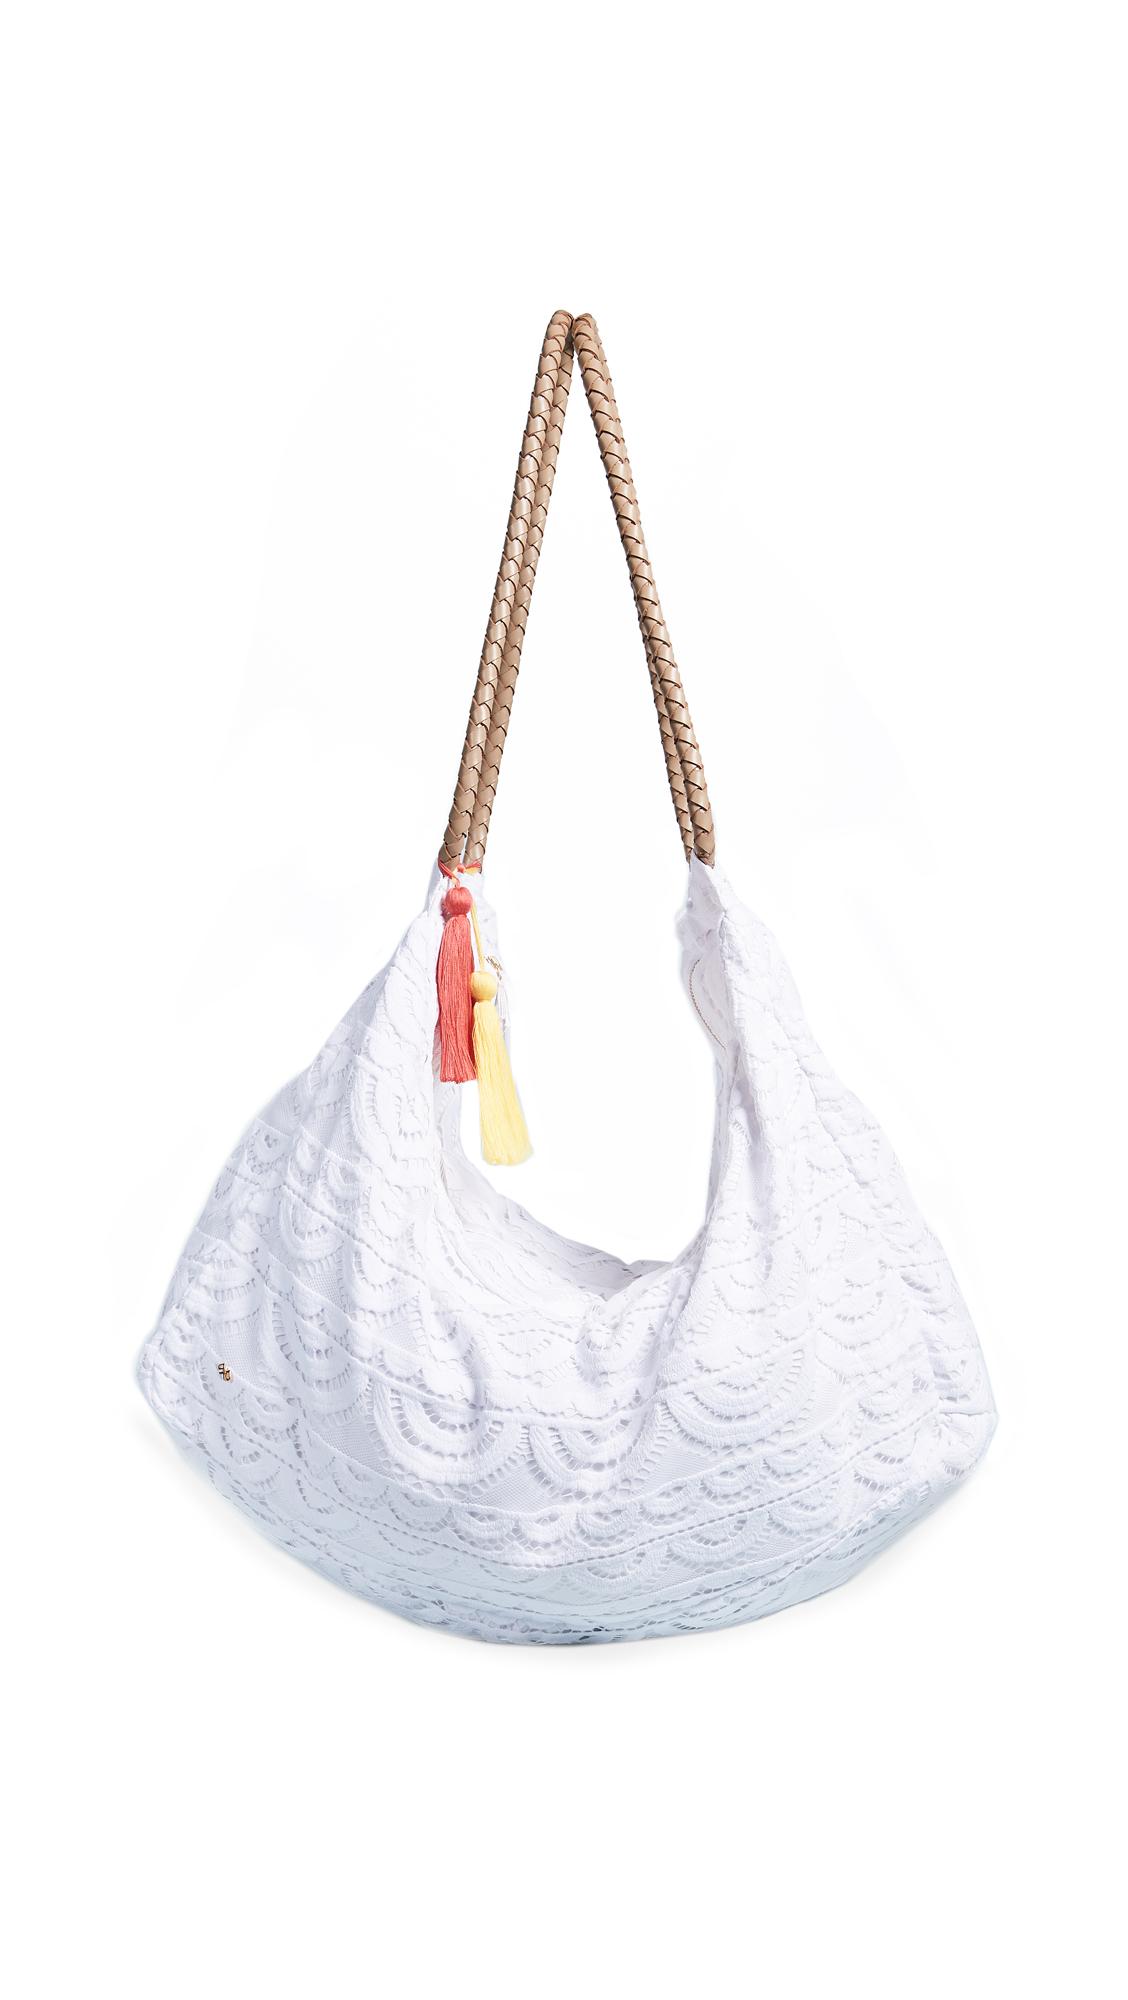 PilyQ Allison Lace Bag - White